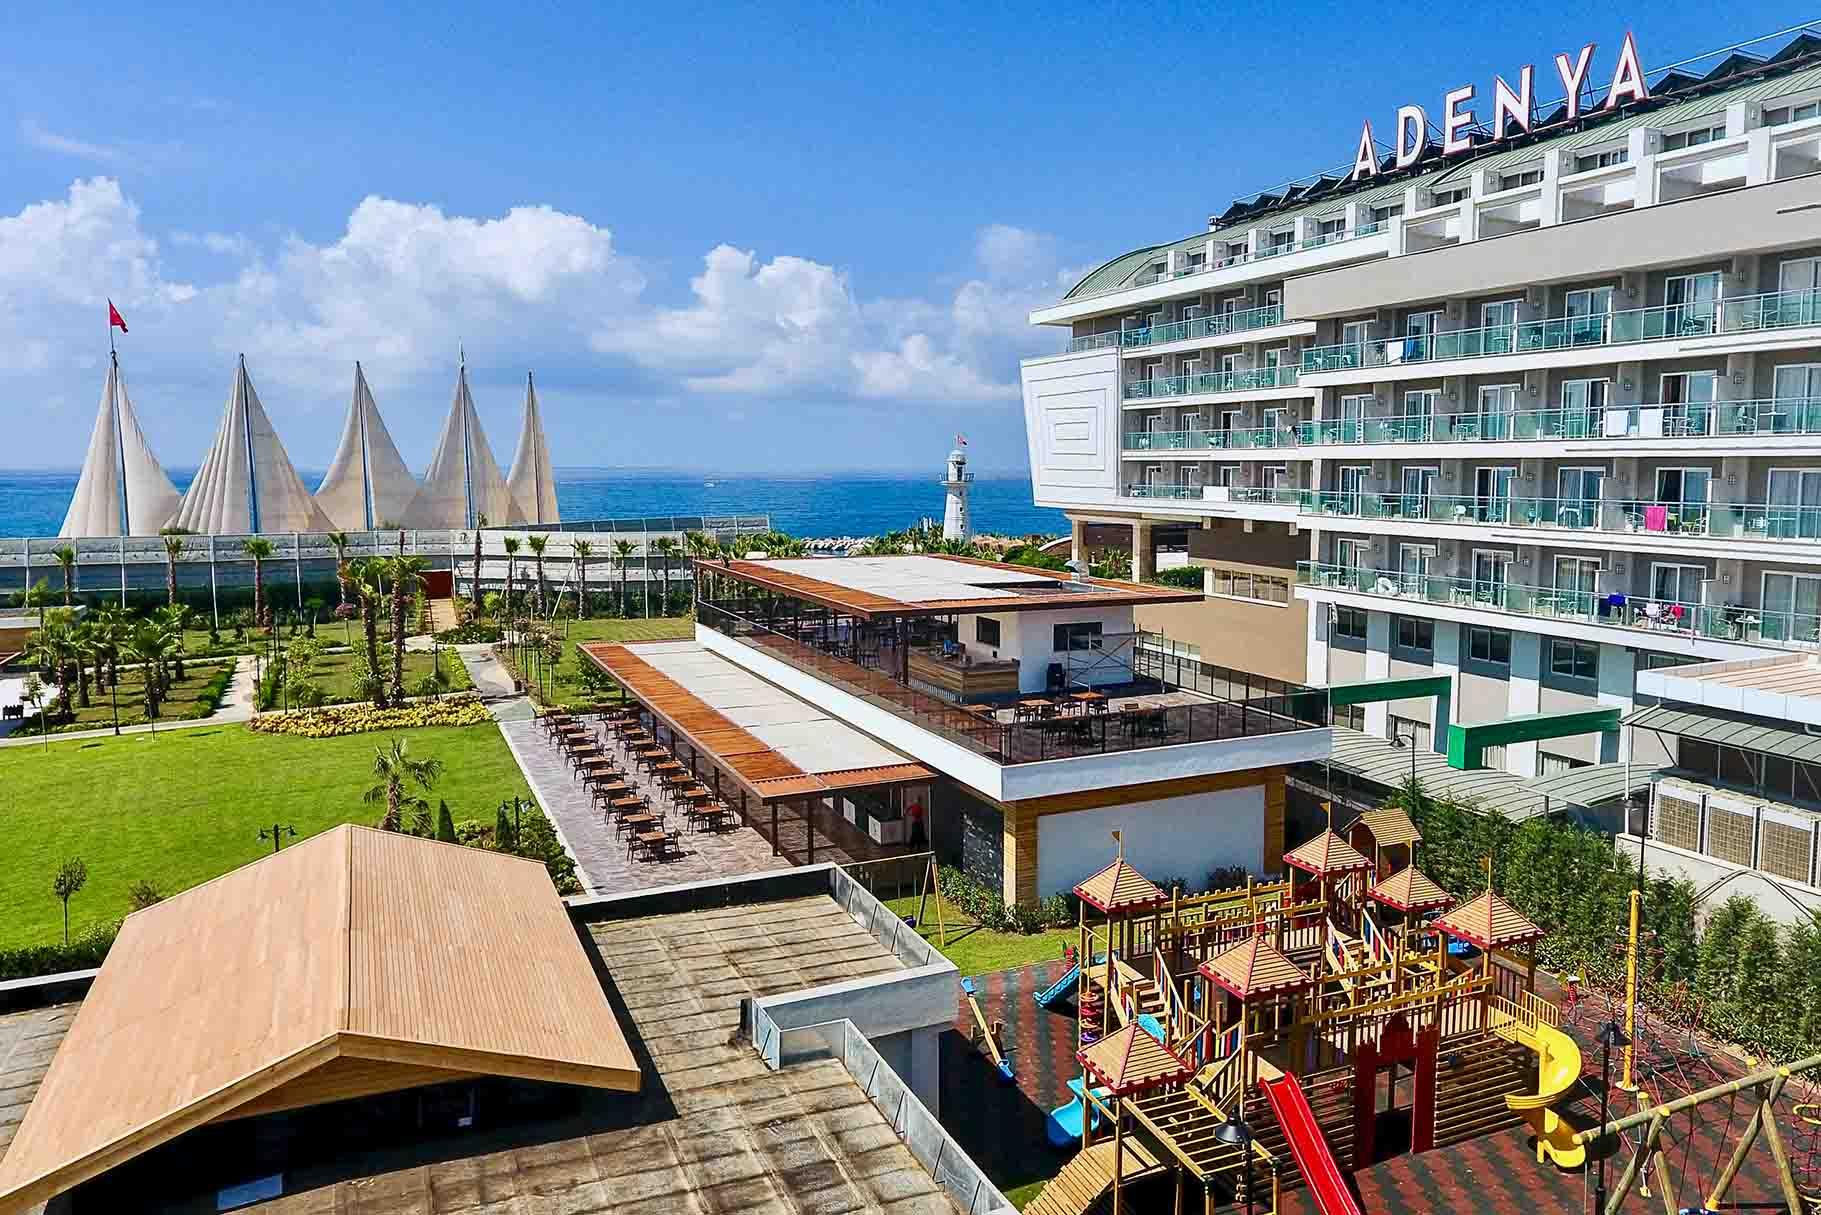 ADENYA HOTEL262274